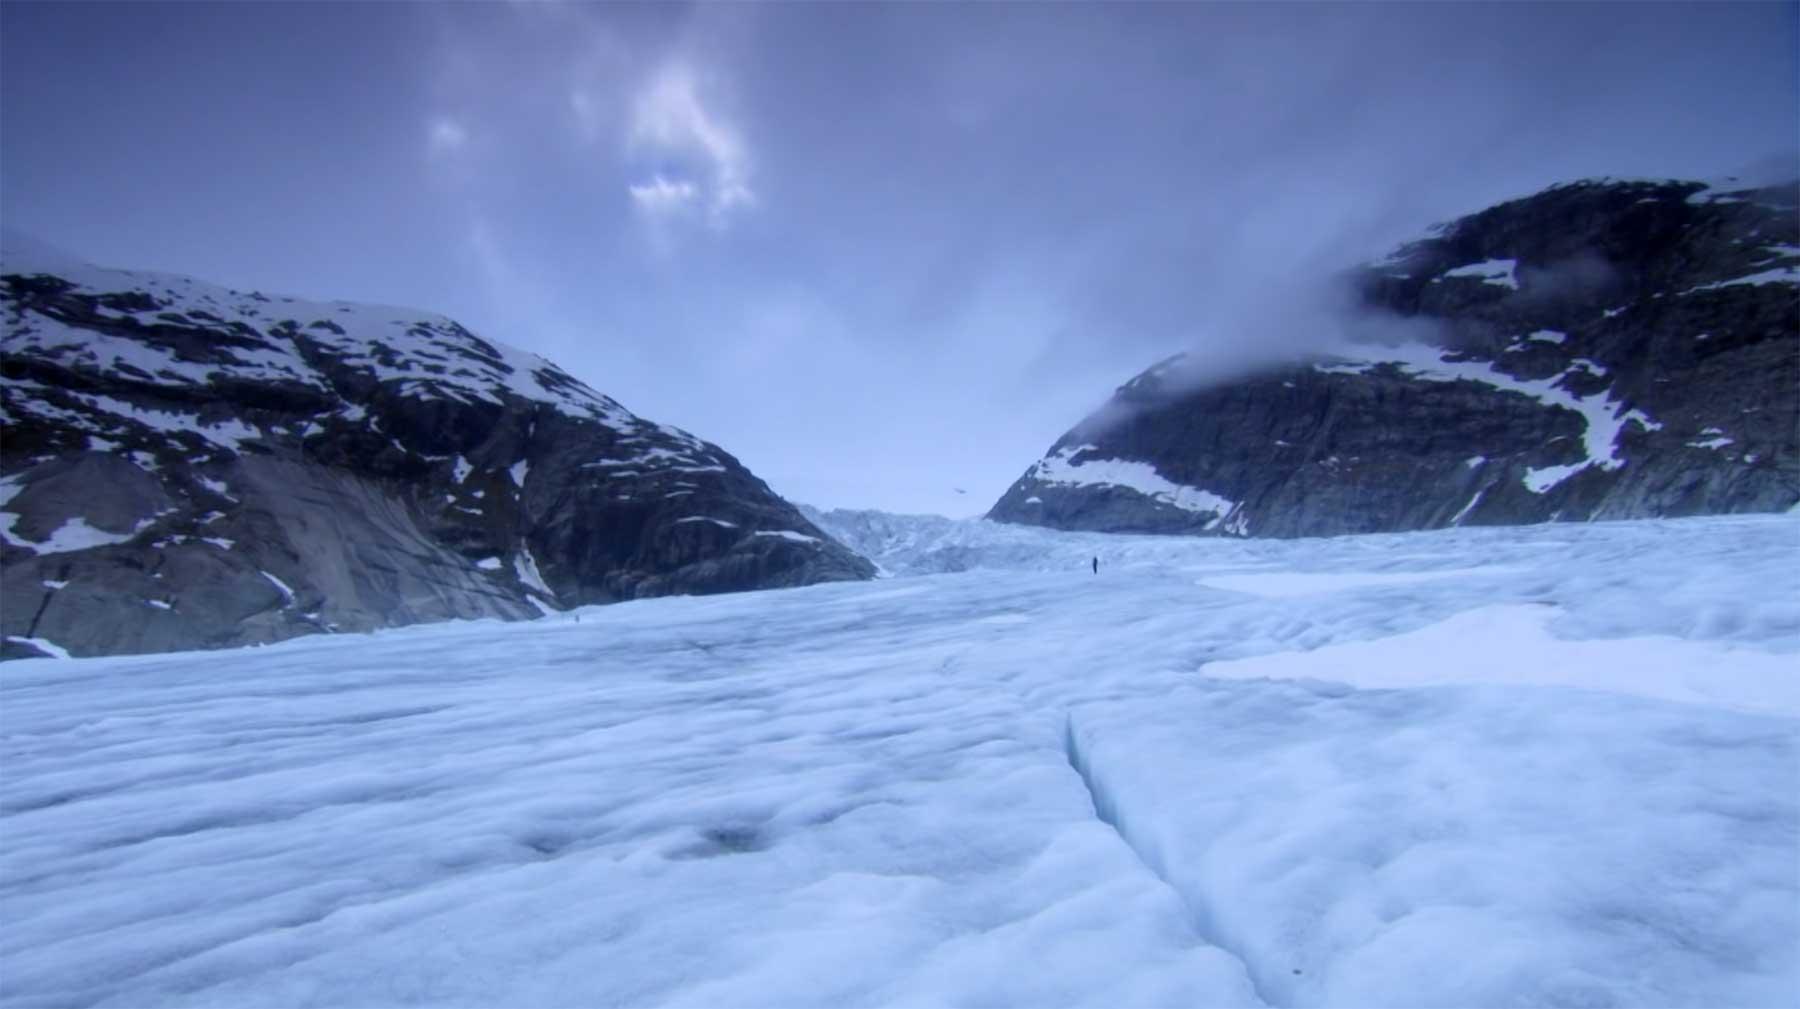 Zeitraffer zeigt, wie Gletscher sich flussartig bewegen